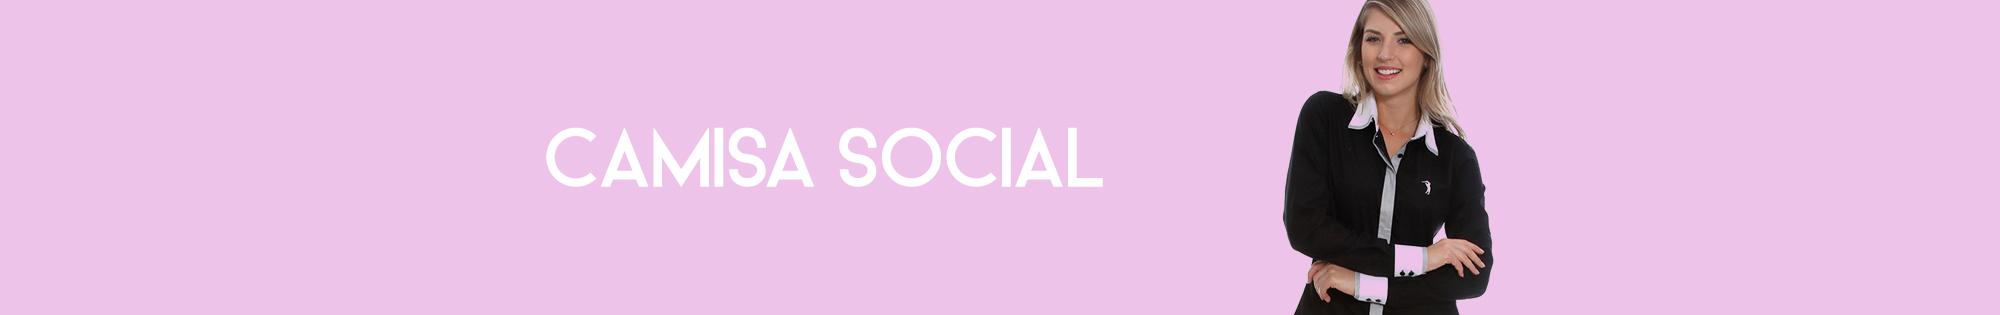 camisa-Social-feminina-banner